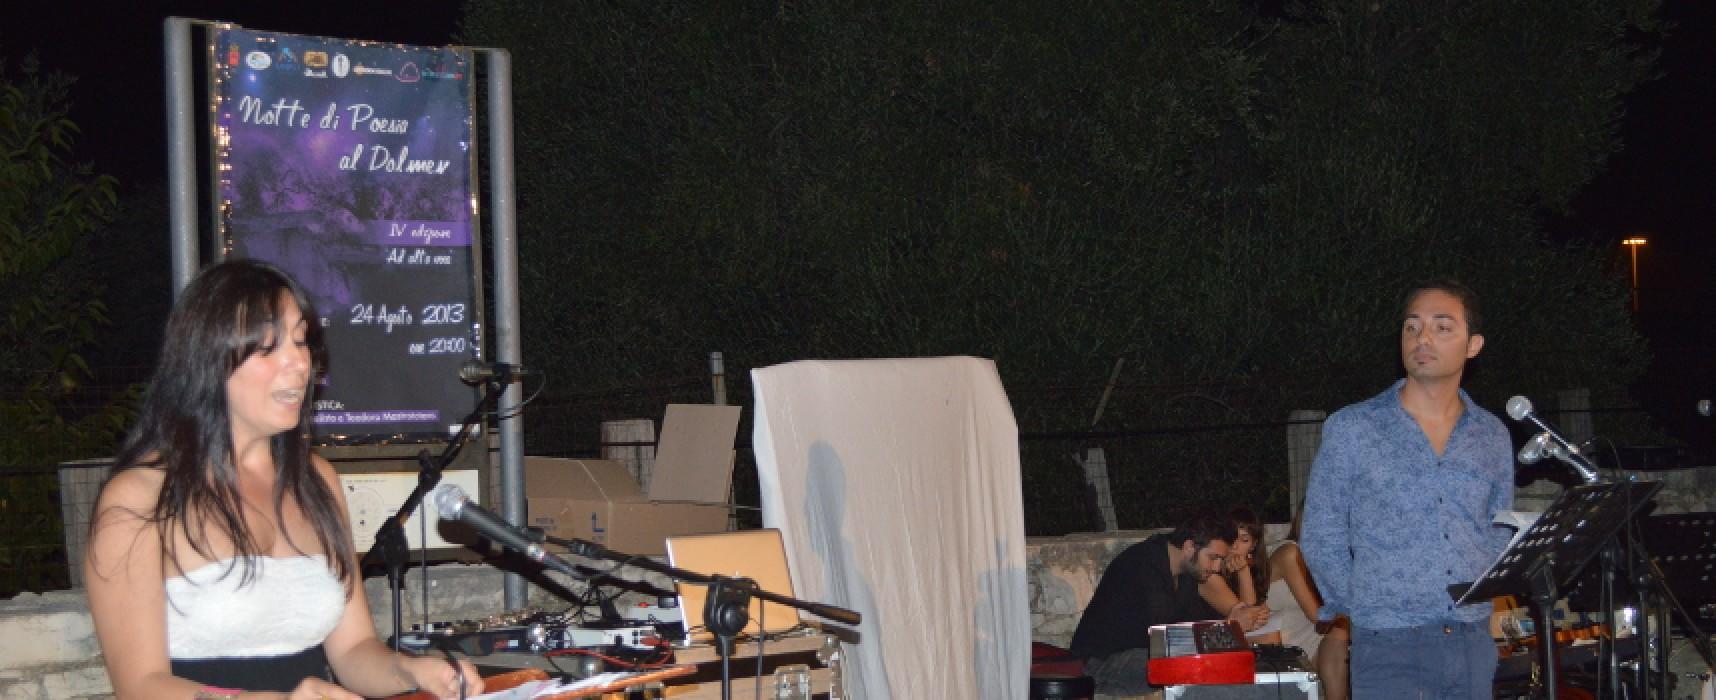 """""""Notte di poesia al Dolmen – La notte è l'ora giusta"""": via alla V edizione"""